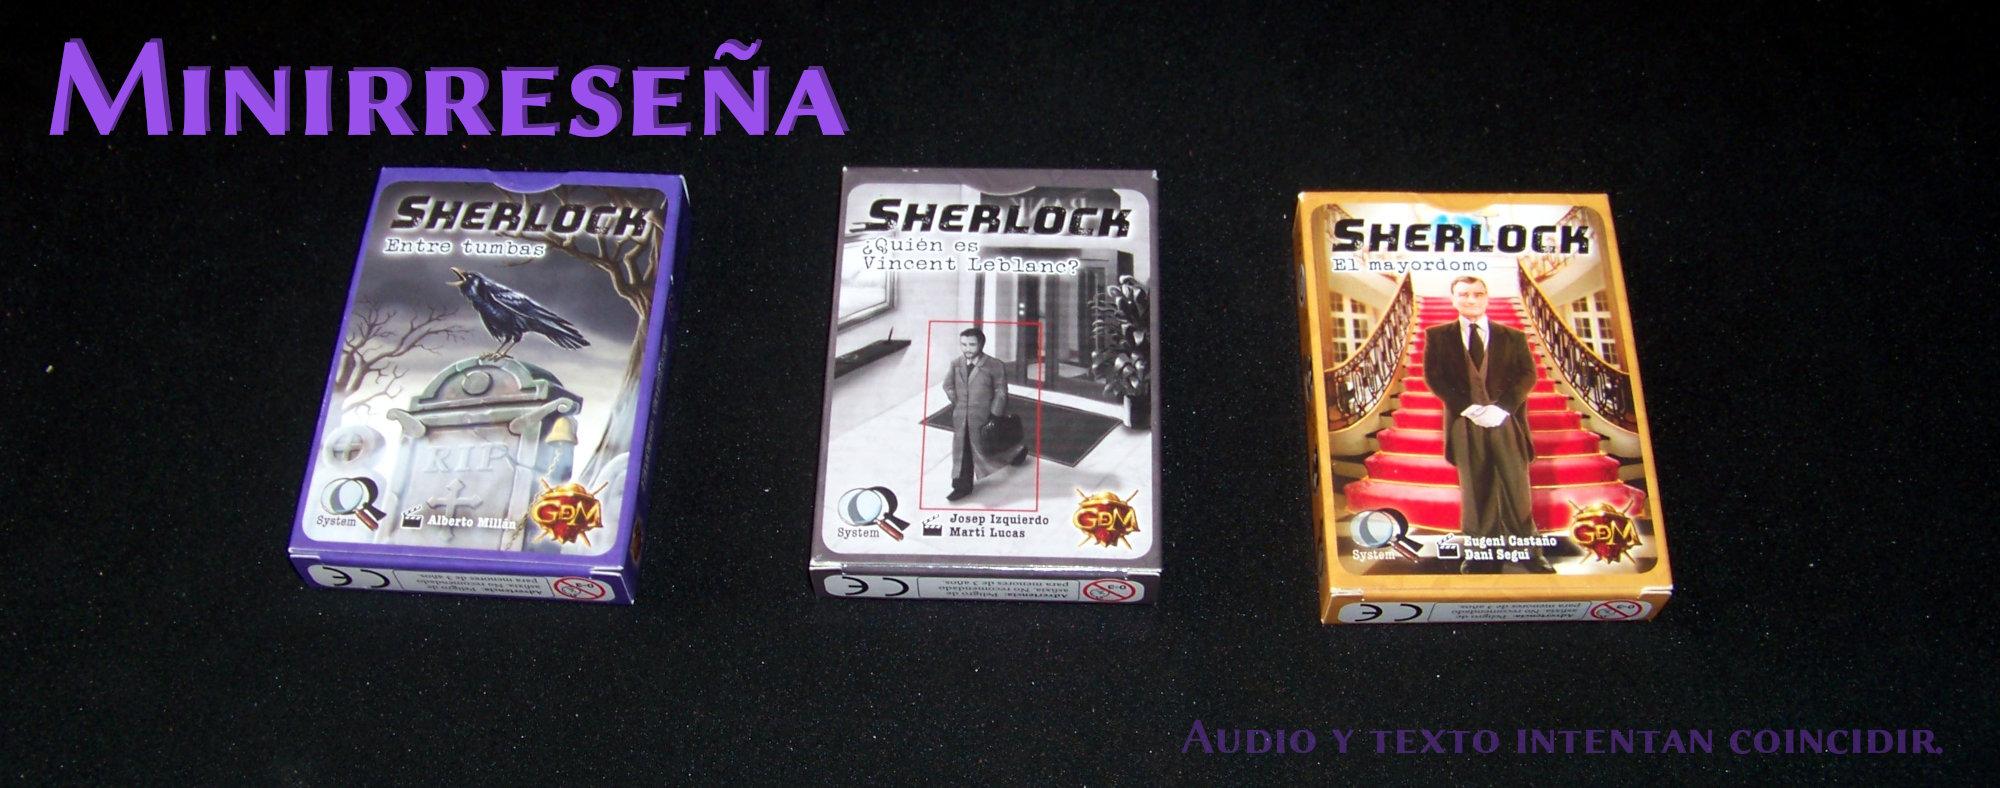 Sherlock / Q system - carátulas de los juegos (de tres cajas).